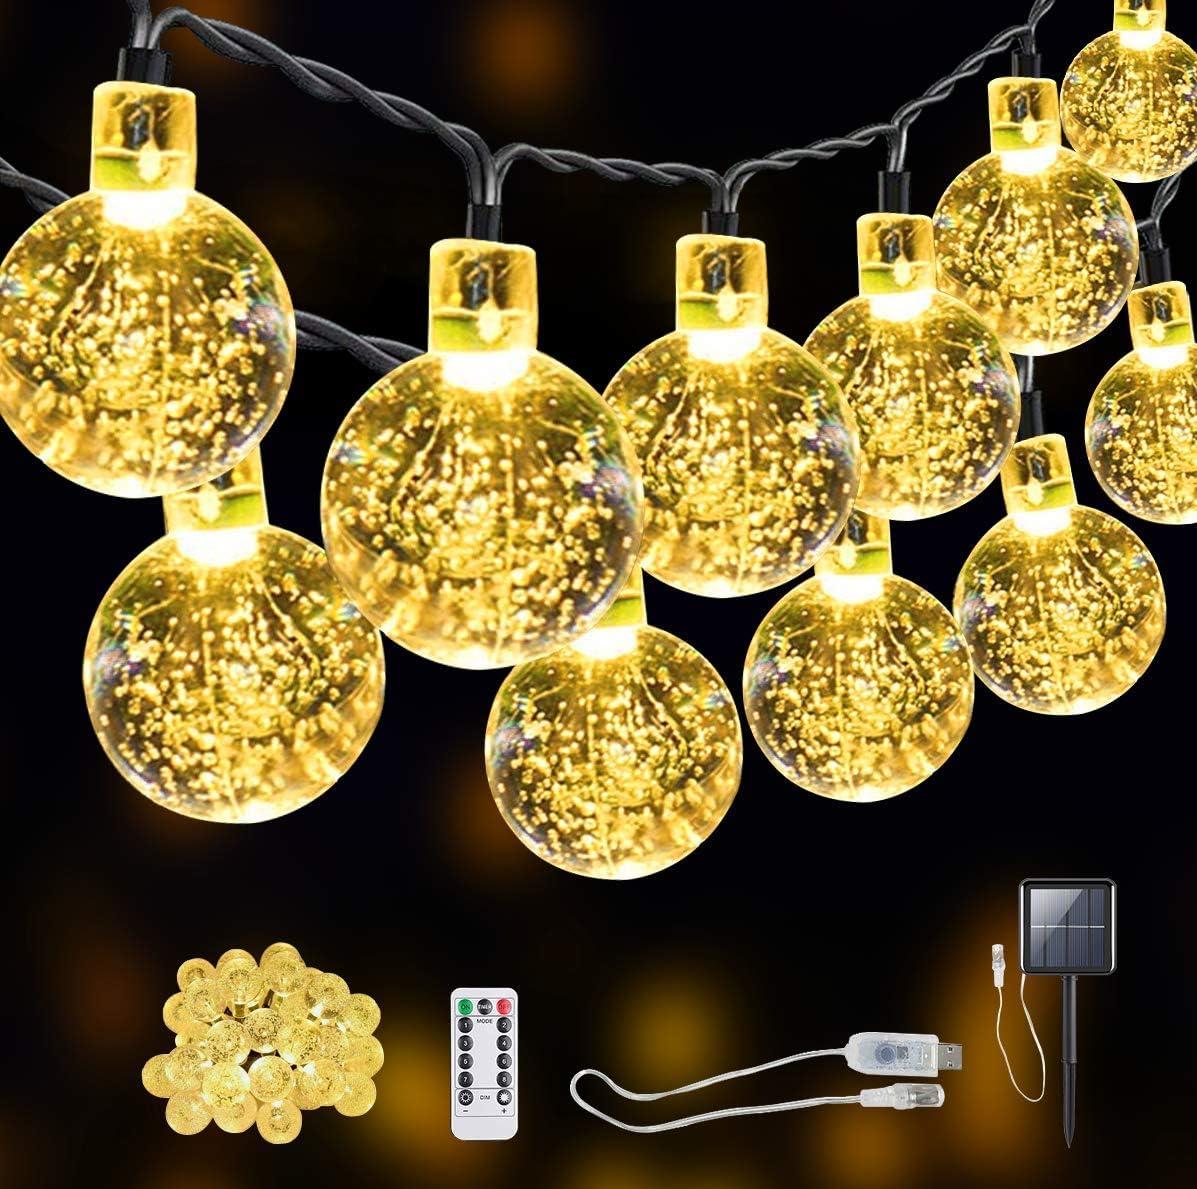 Cadena de luz SITRI/cadena de luz solar/luz solar exterior/luz de cuento de hadas, solar/USB, adecuada para jardines, patios, casas, árboles de Navidad, fiestas, 7.5m 50 luces.